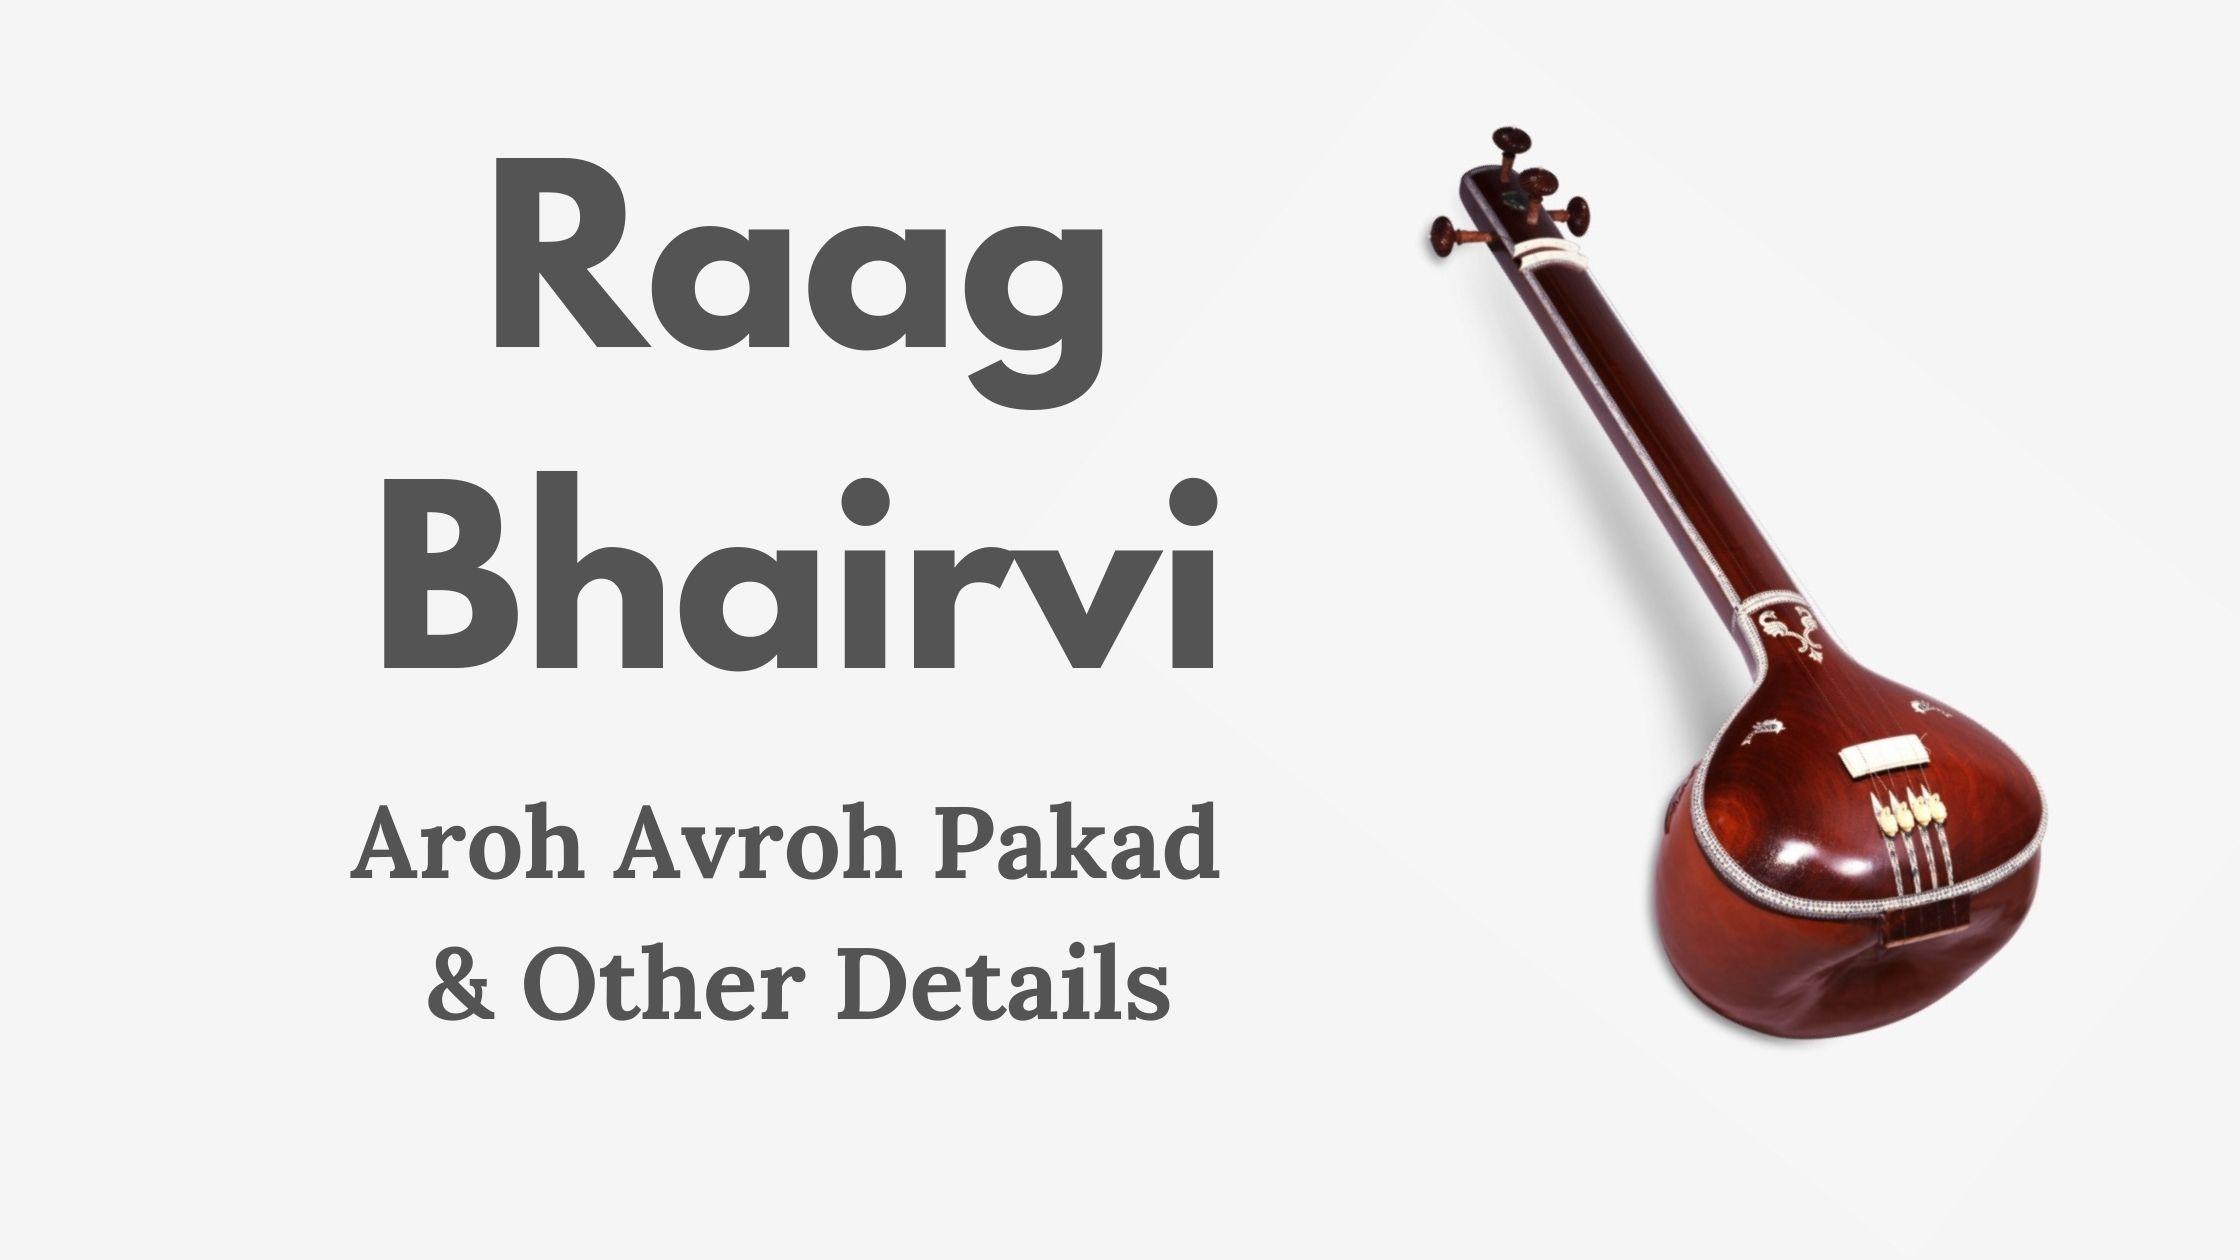 raag bhairvi